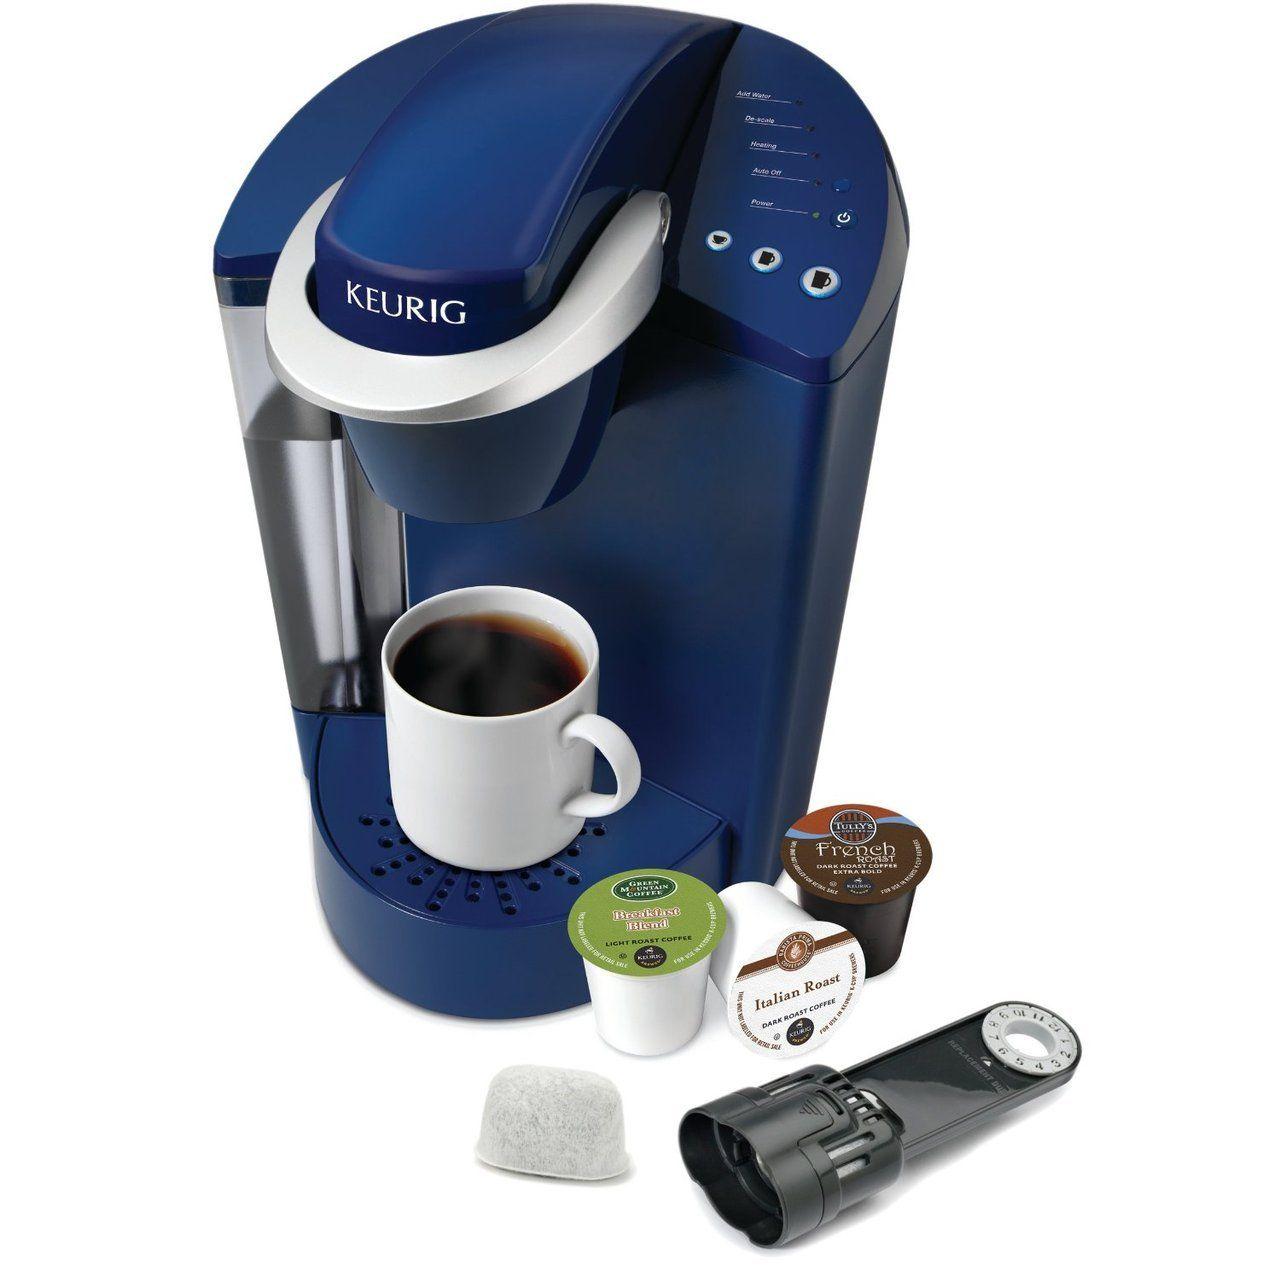 Keurig K45 Elite Brewer Coffee Maker Blue 99 95 Total Cost Best